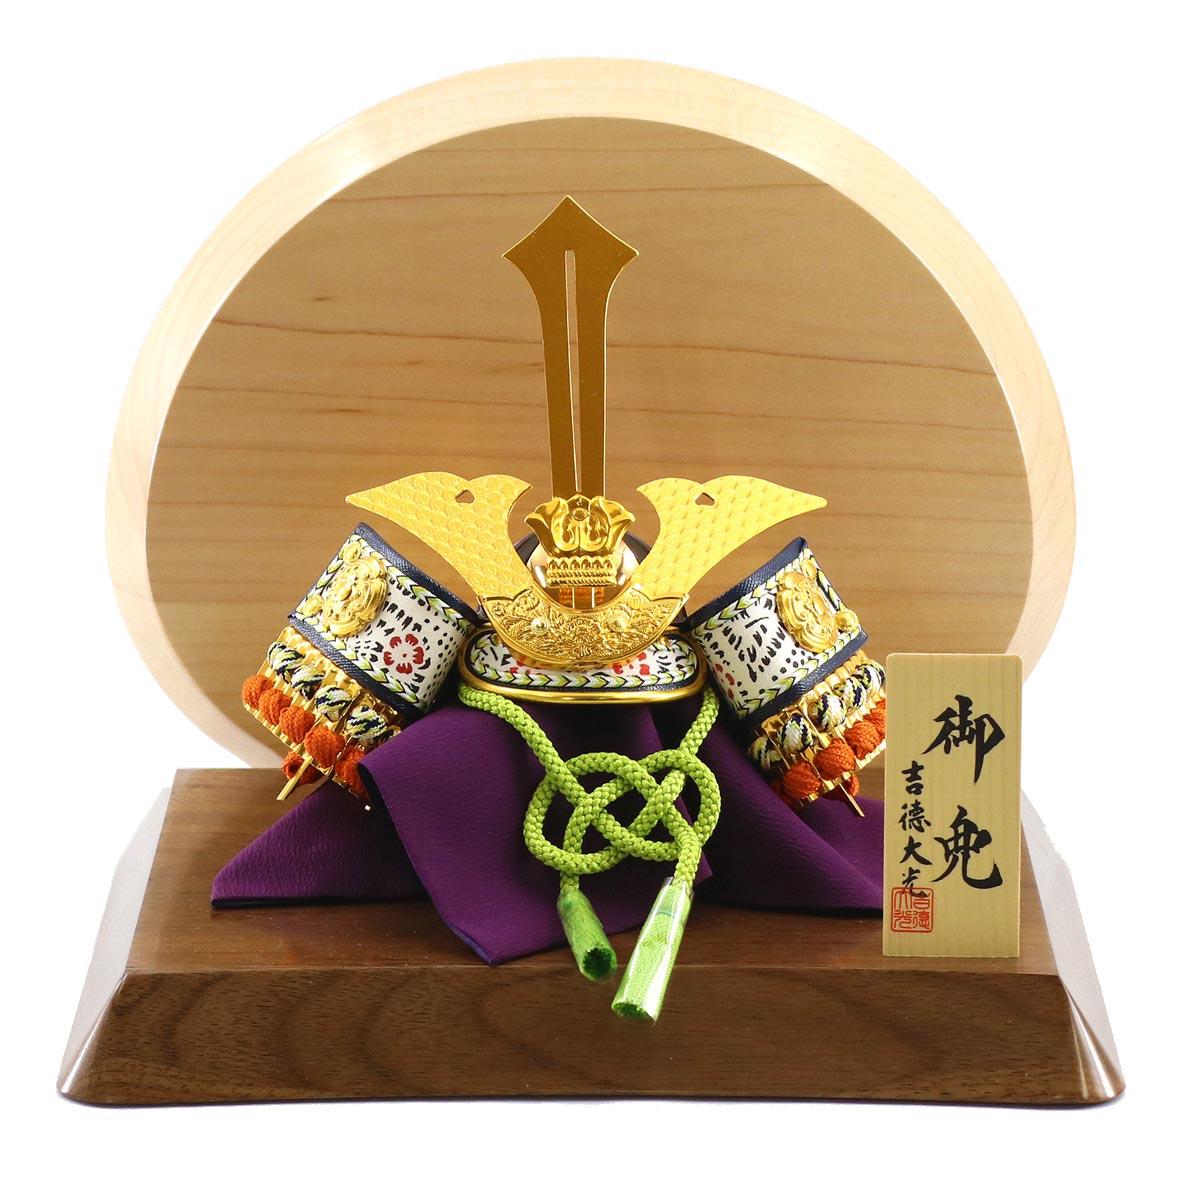 五月人形 吉徳 兜飾り 兜飾り 豆 楠木正成公 高級木材使用飾り台・衝立 吉徳 ≪GOY-113-382-WN-S≫コンパクト おしゃれ 兜飾り 兜 五月人形